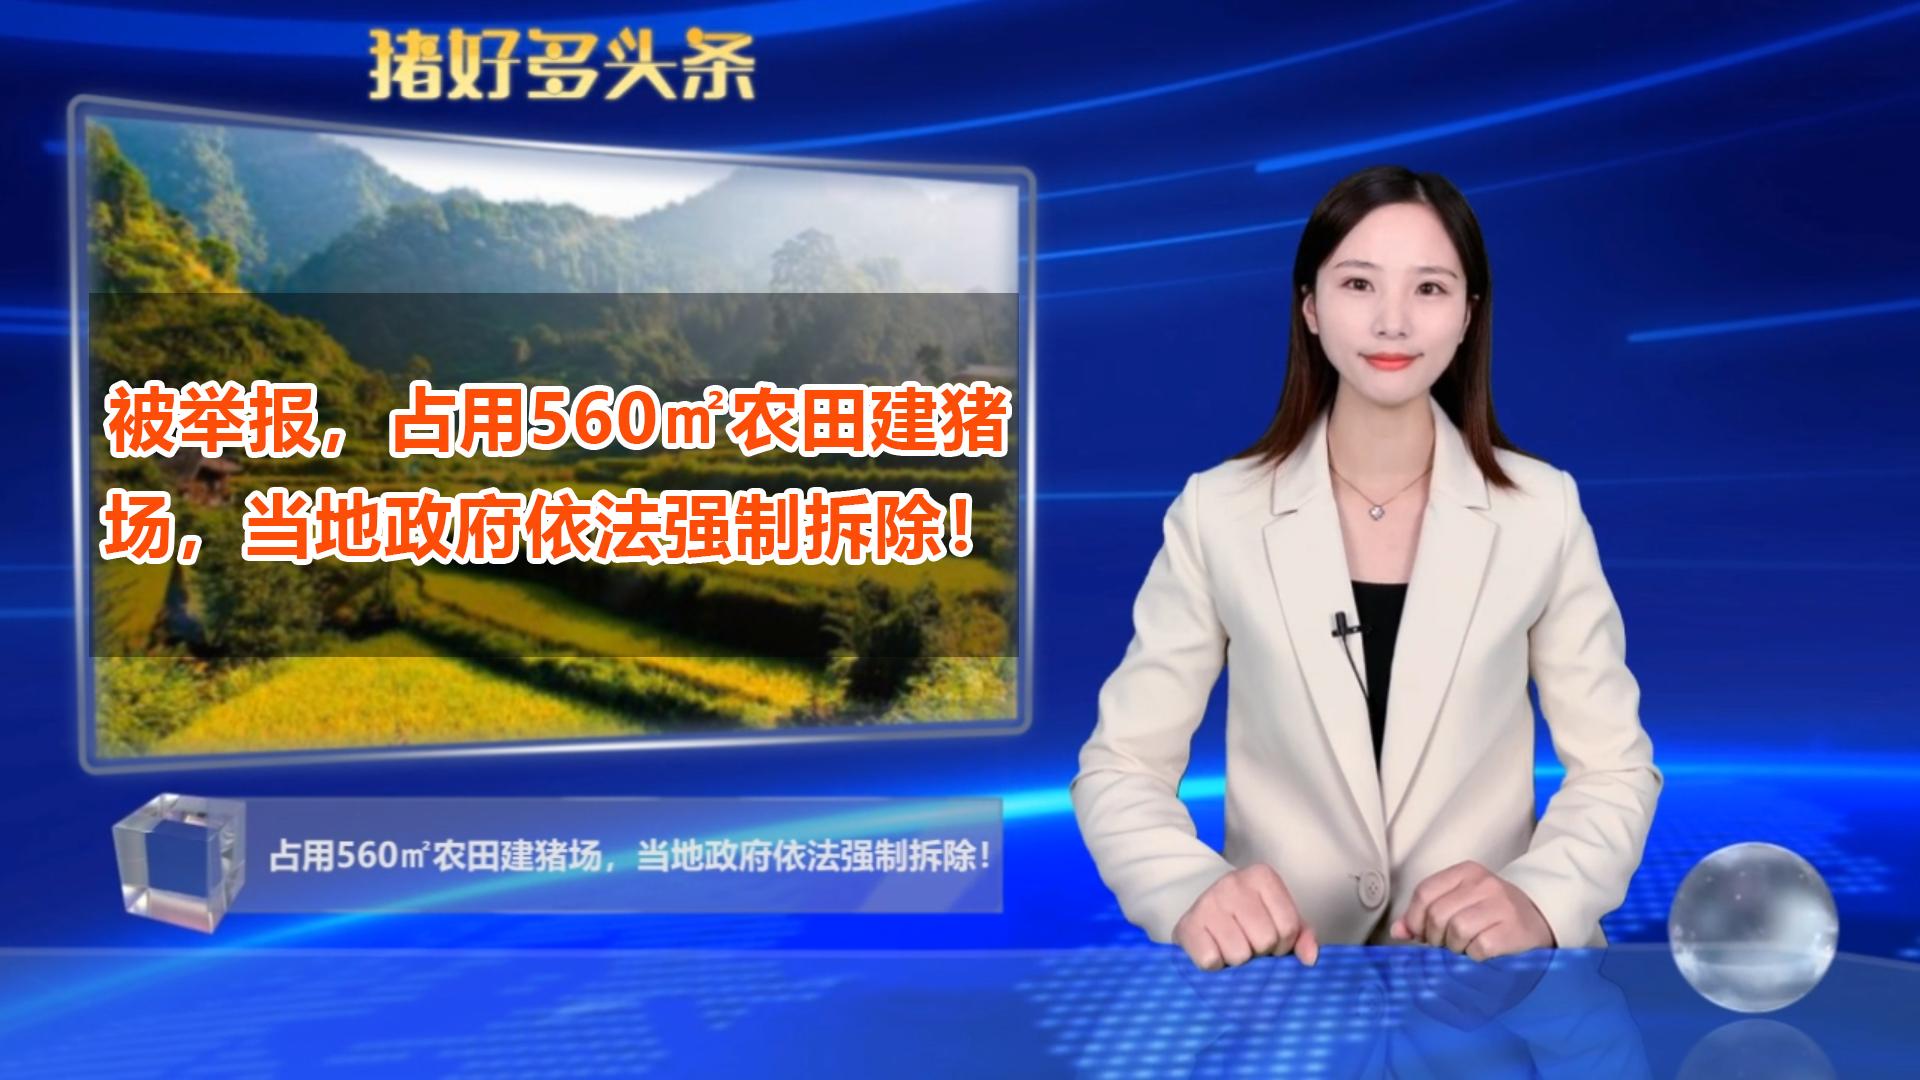 被举报,占用560平方米农田建猪场,当地政府依法强制拆除!